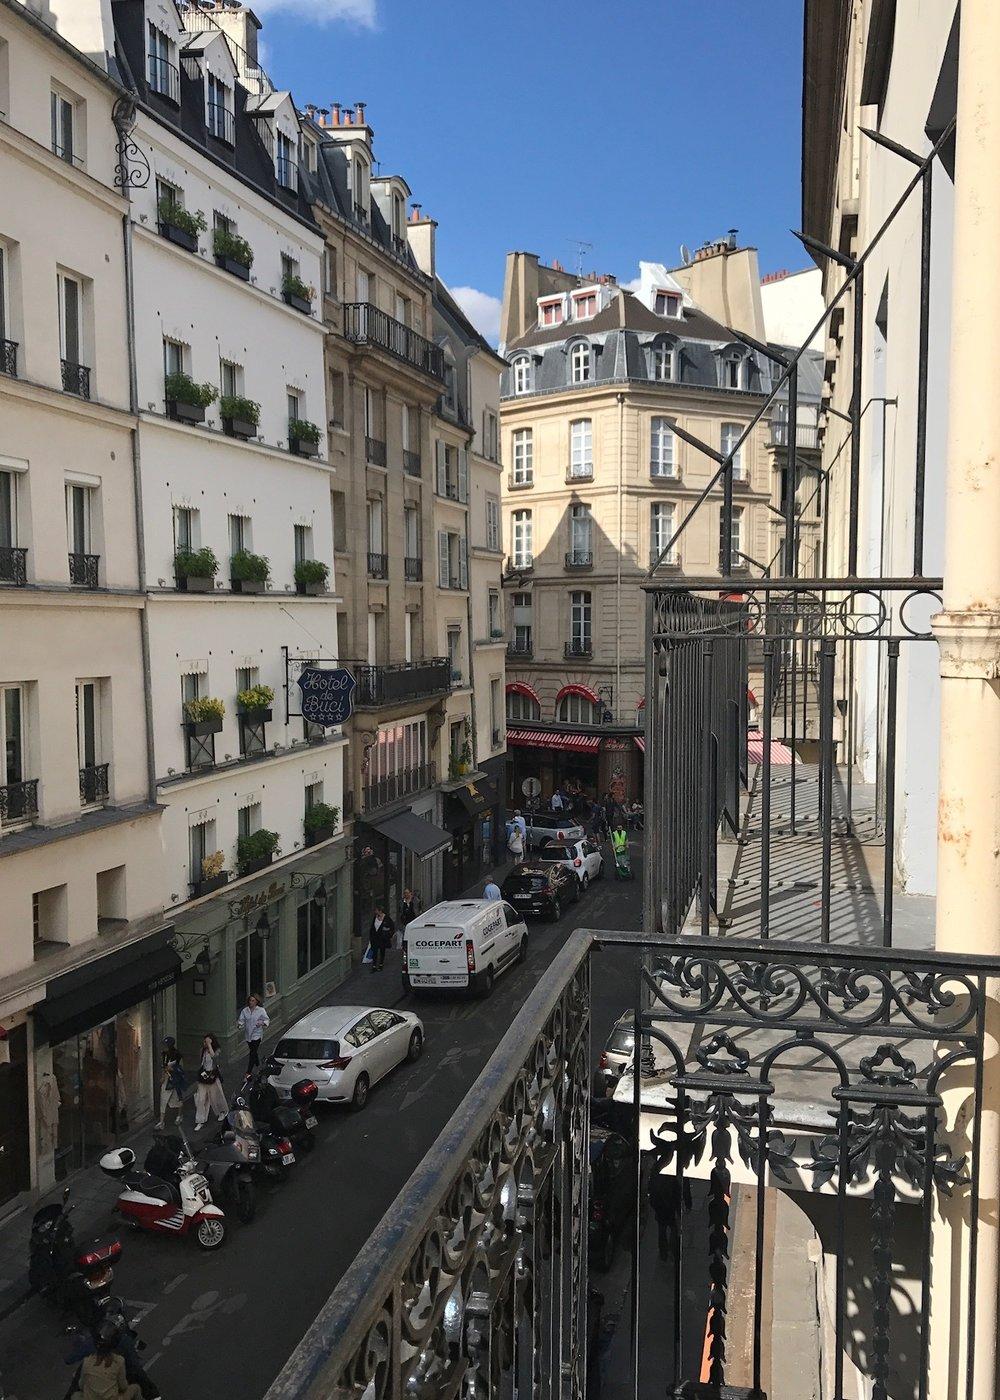 Officine Generale balcony